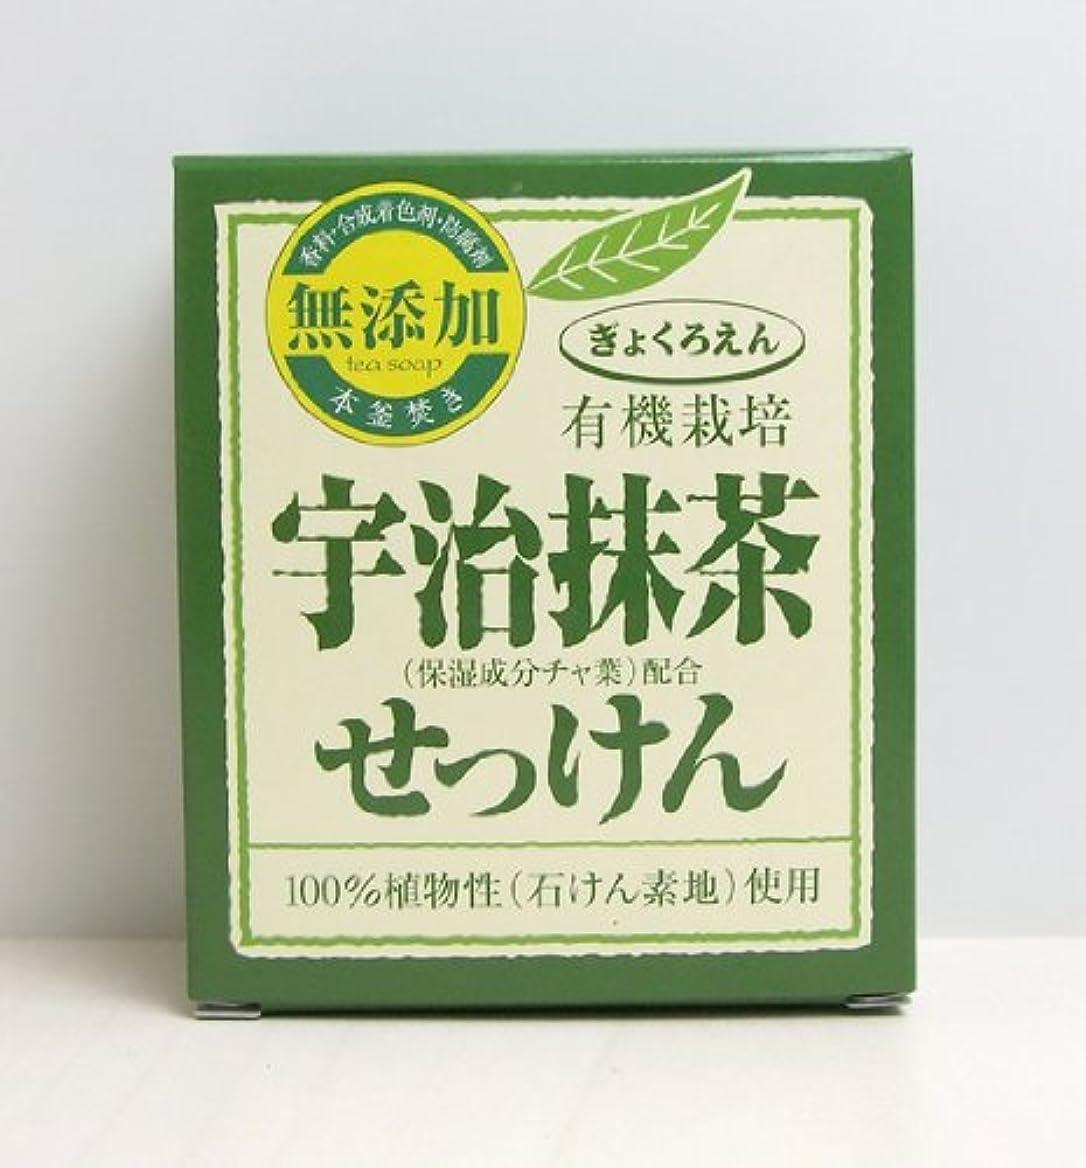 義務ぼかす説明お茶のせっけん:有機栽培宇治抹茶せっけん